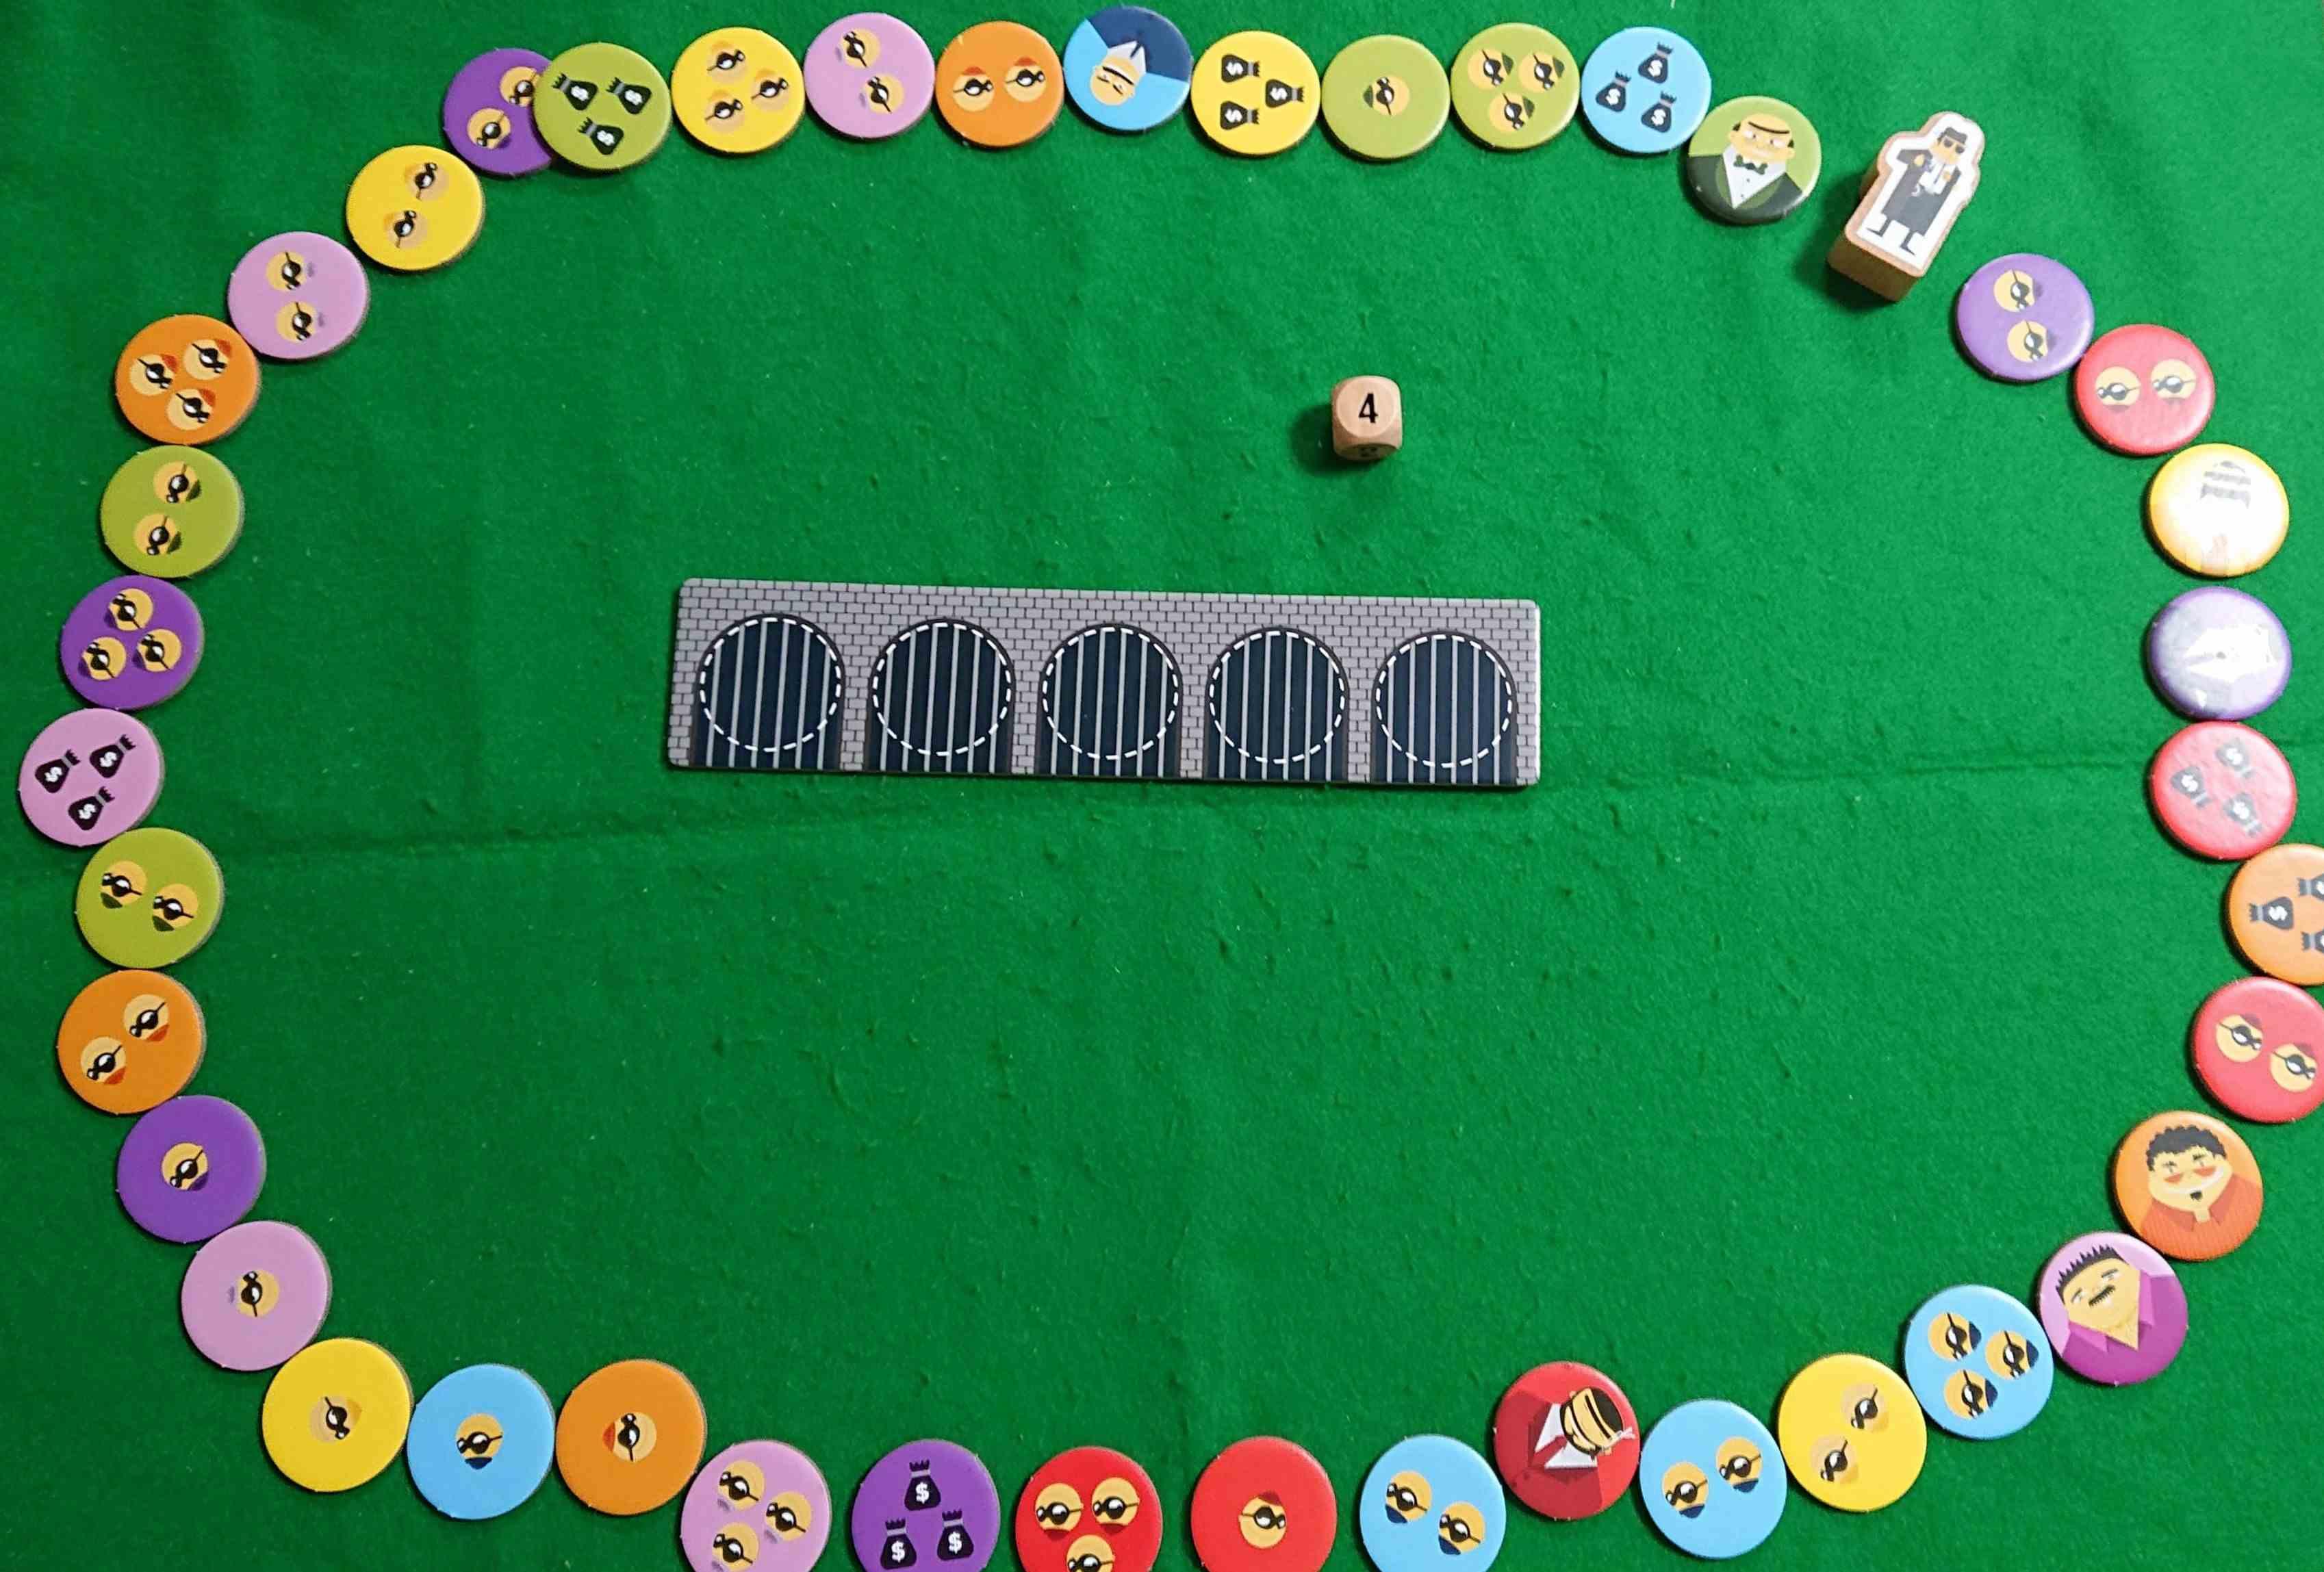 カルテル シンプルなルール 軽いジレンマが楽しめる ボードゲーム